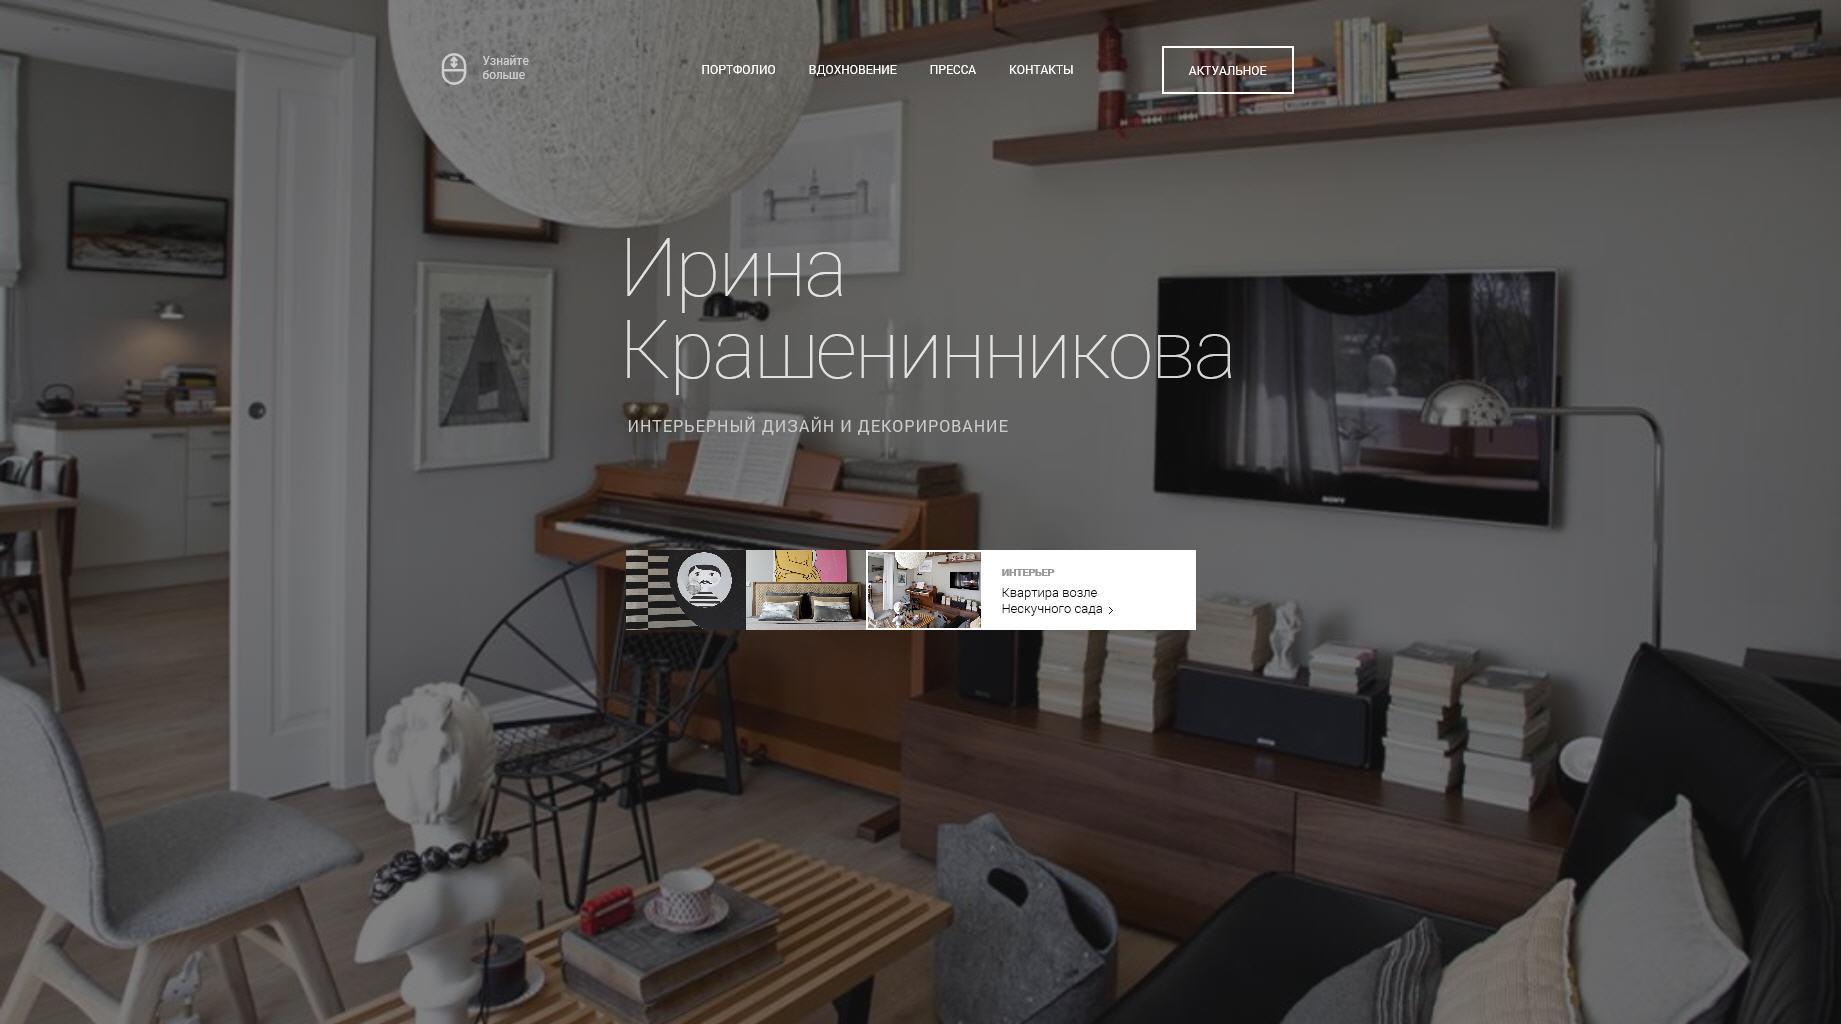 Новый сайт для дизайнера Ирины Крашенинниковой